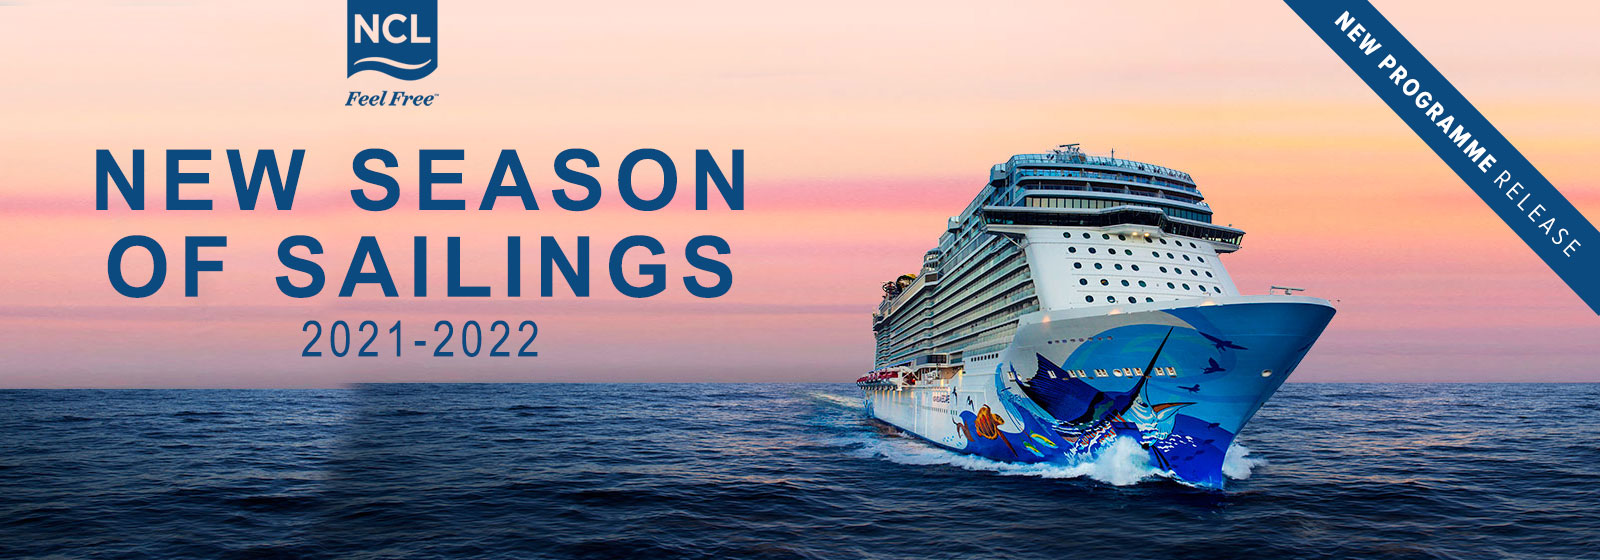 Norwegian Cruise Line - New Season 2021 & 22